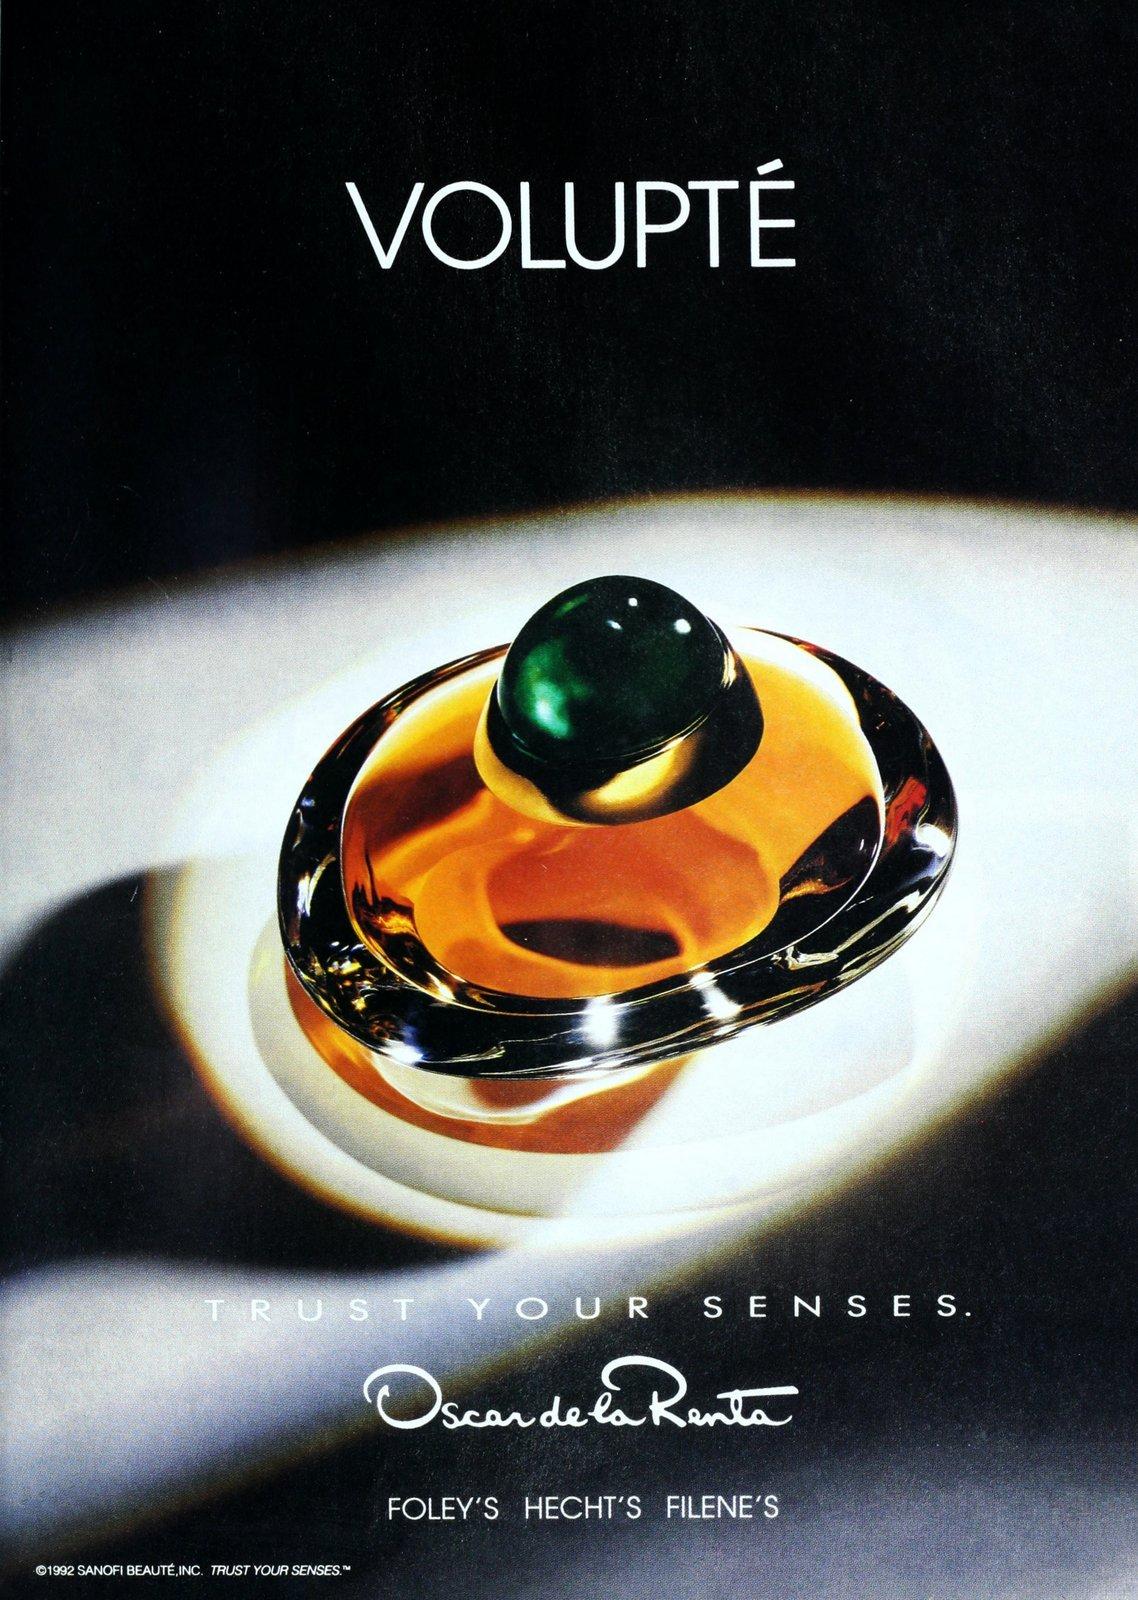 Volupte by Oscar de la Renta (1992) at ClickAmericana.com